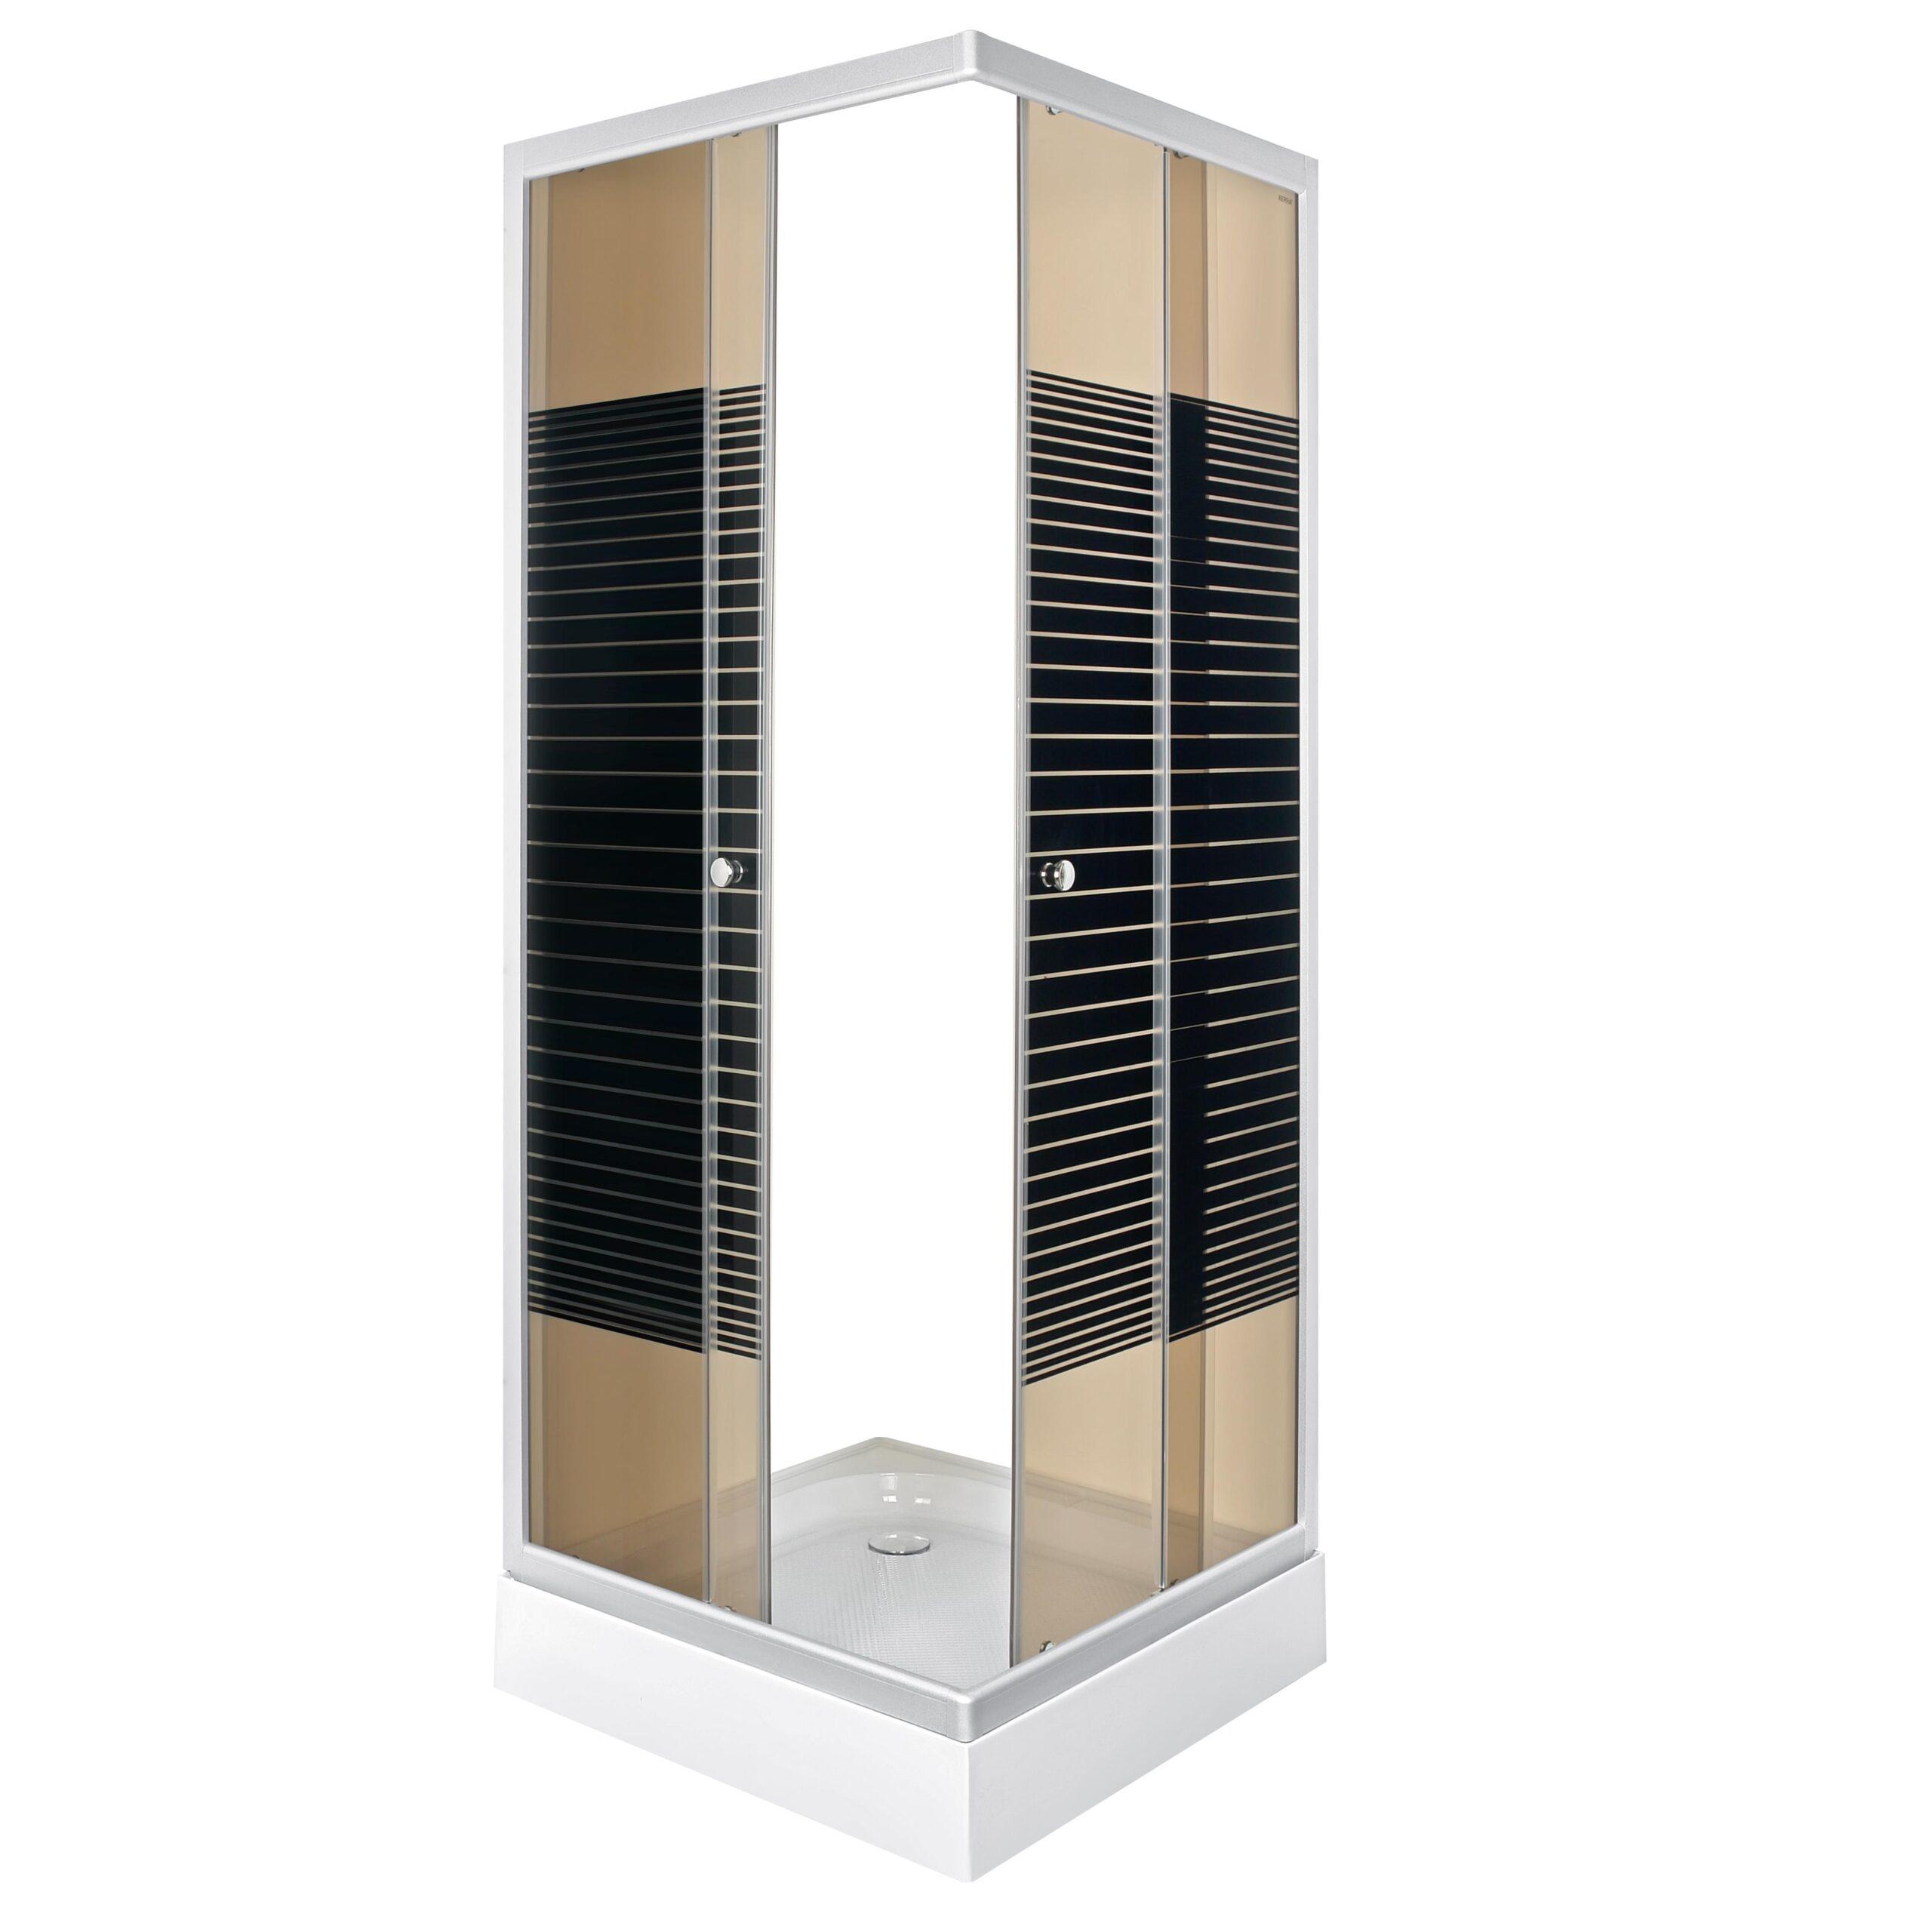 Full Size of Duschkabine 90x90 Cm Fertigdusche Dusche Duschwand Duschabtrennung Bodengleiche Nachträglich Einbauen Badewanne Mit Mischbatterie Bett 190x90 Begehbare Ohne Dusche Dusche 90x90